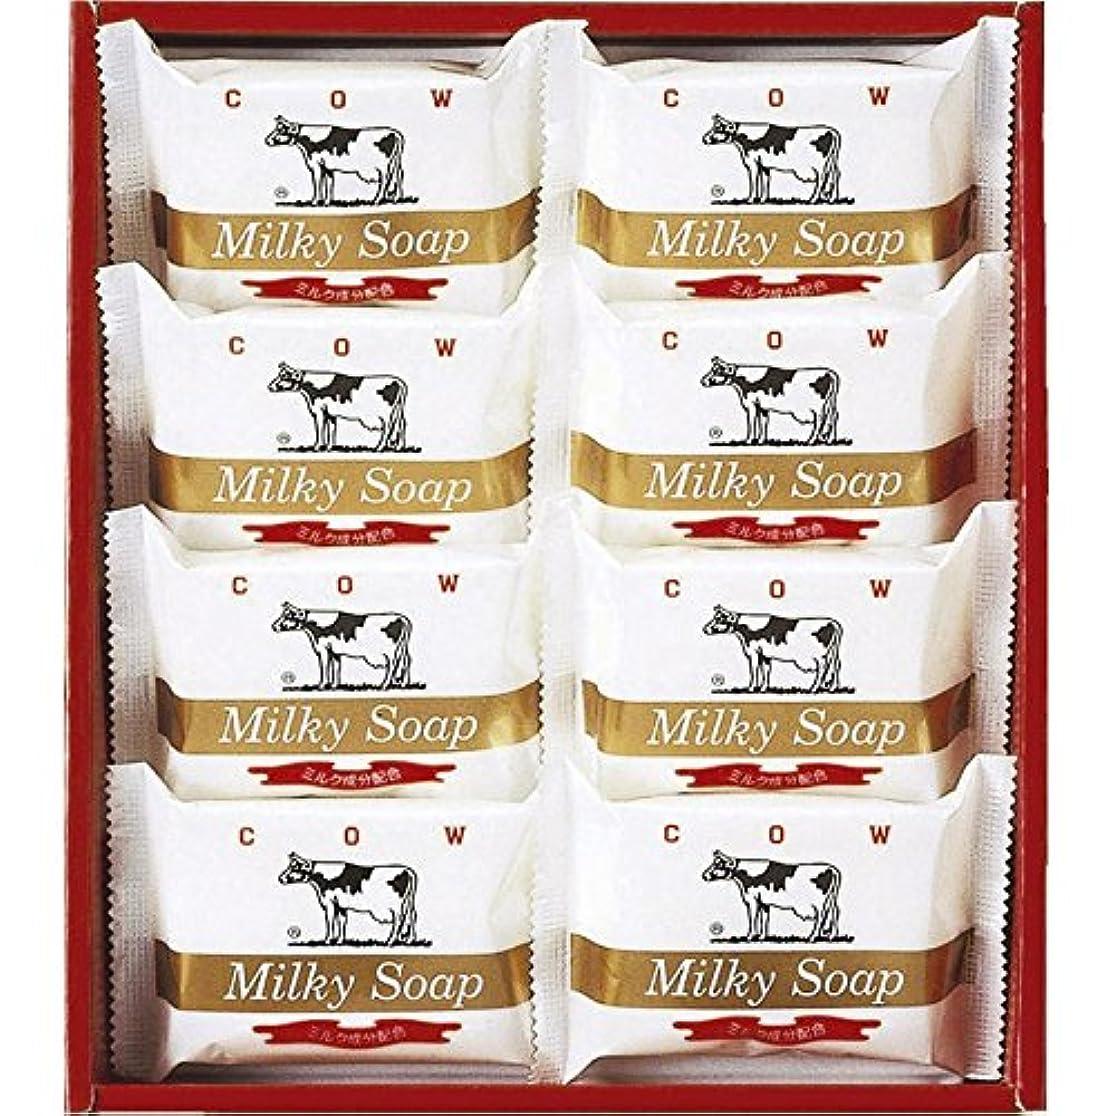 バウンドアークピア牛乳石鹸 ゴールドソープセット 【固形 ギフト せっけん あわ いい香り いい匂い うるおい プレゼント お風呂 かおり からだ きれい つめあわせ かうぶらんど 1000】